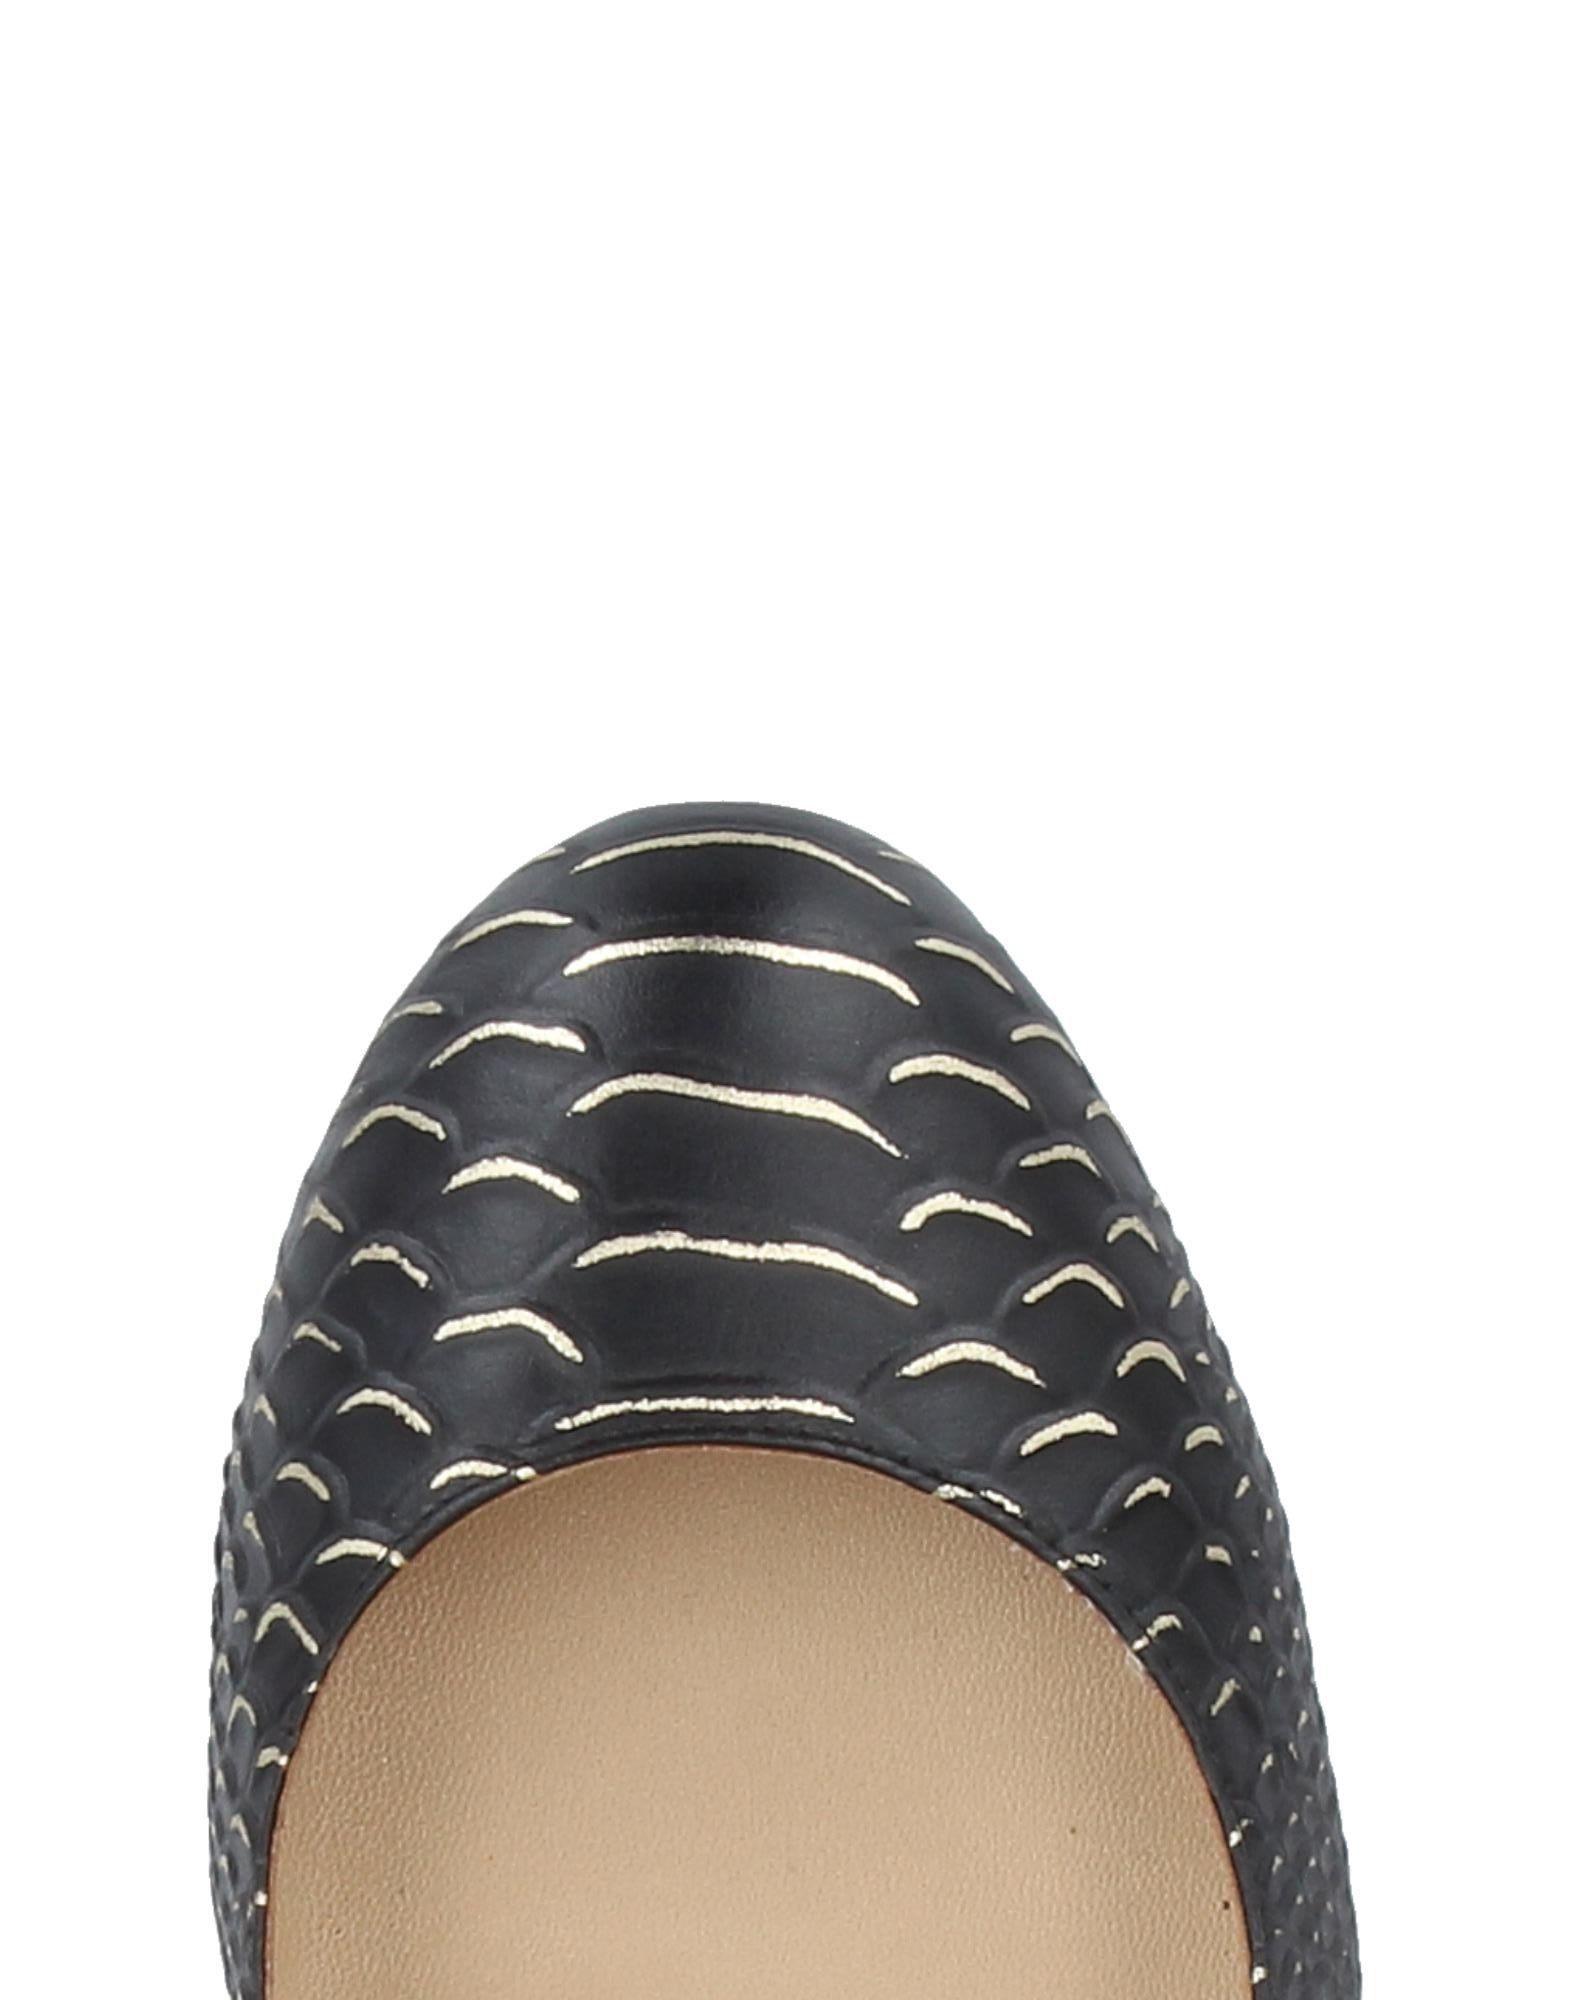 Kandee Pumps Pumps Kandee Damen  11405748JC Gute Qualität beliebte Schuhe 92f708